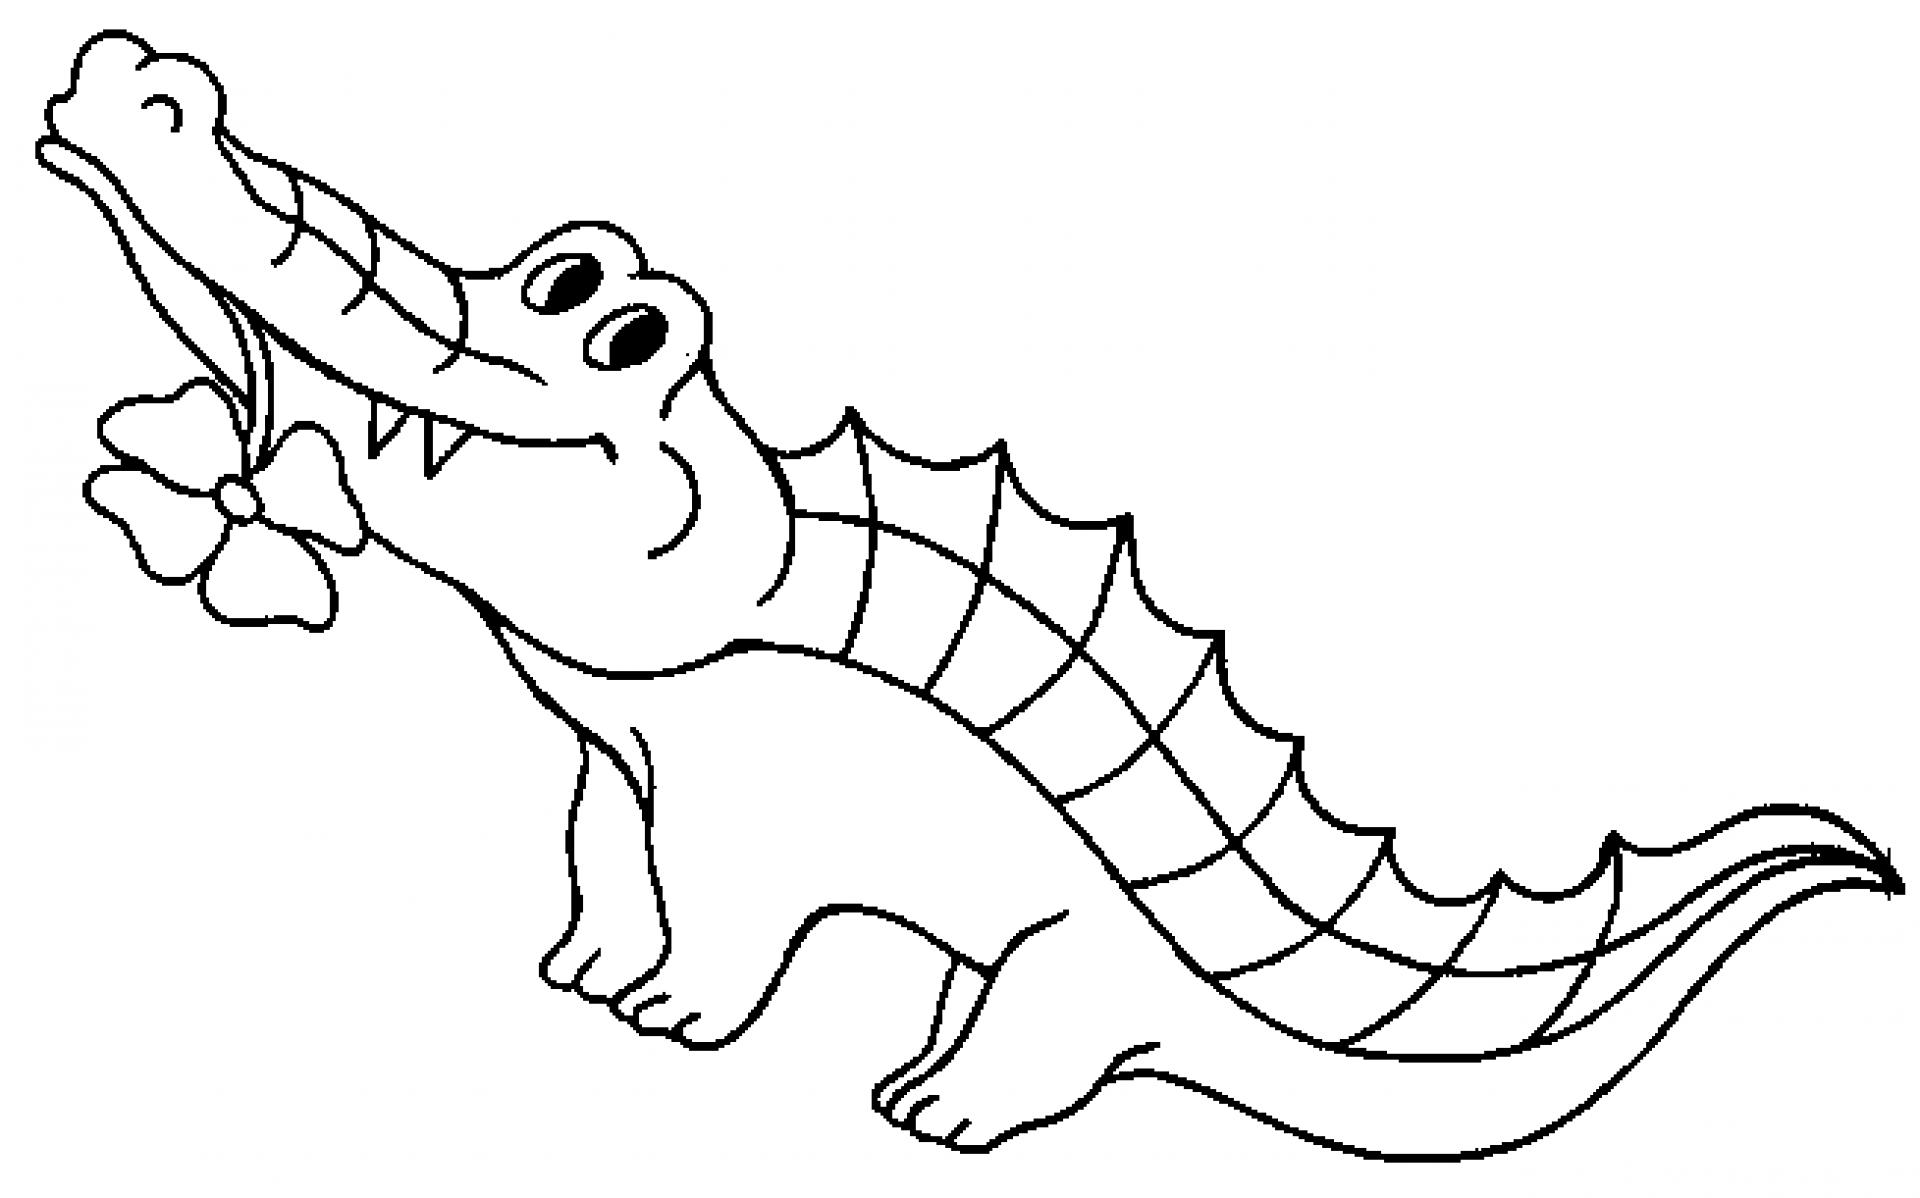 Albino aligator clipart black and white download Alligator black and white alligator black and white clipart 4 ... black and white download